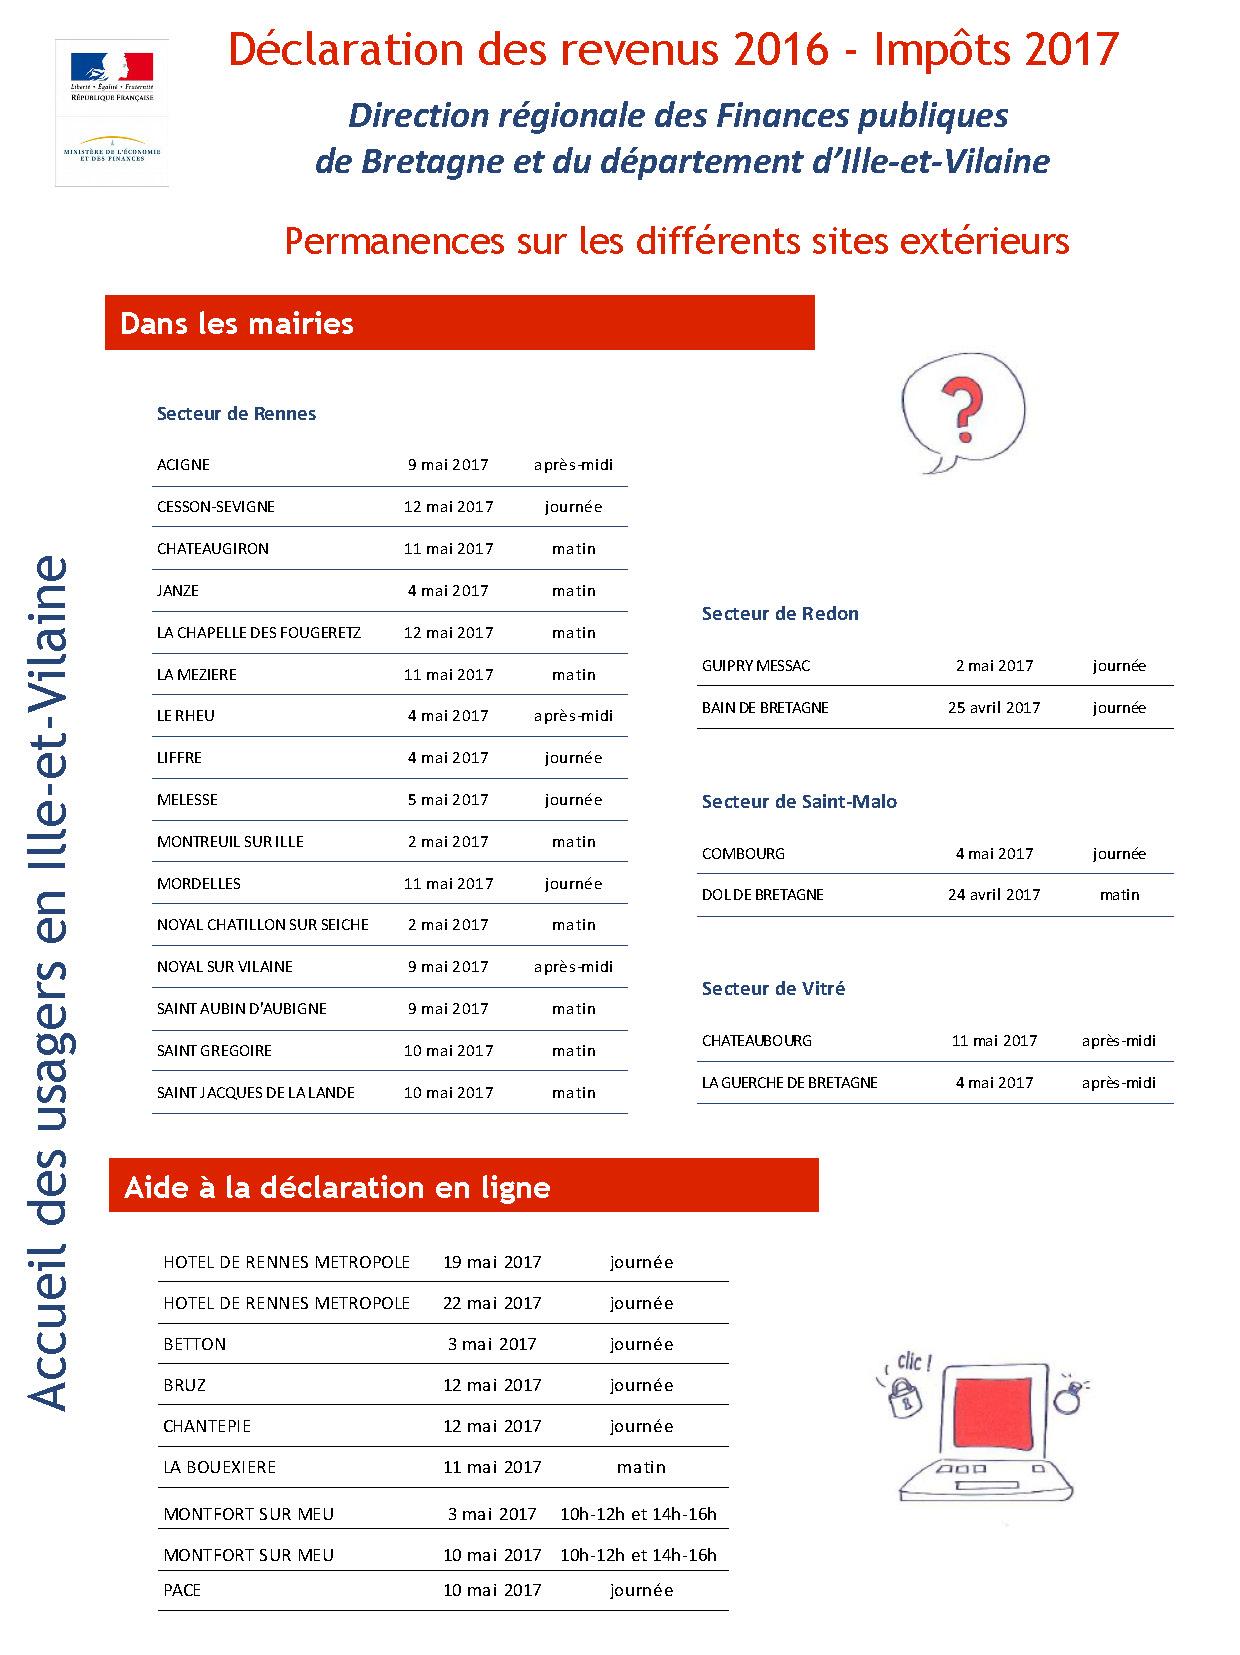 Permanences d claration des revenus imp ts 2017 saint - Declaration revenus location meuble de tourisme ...